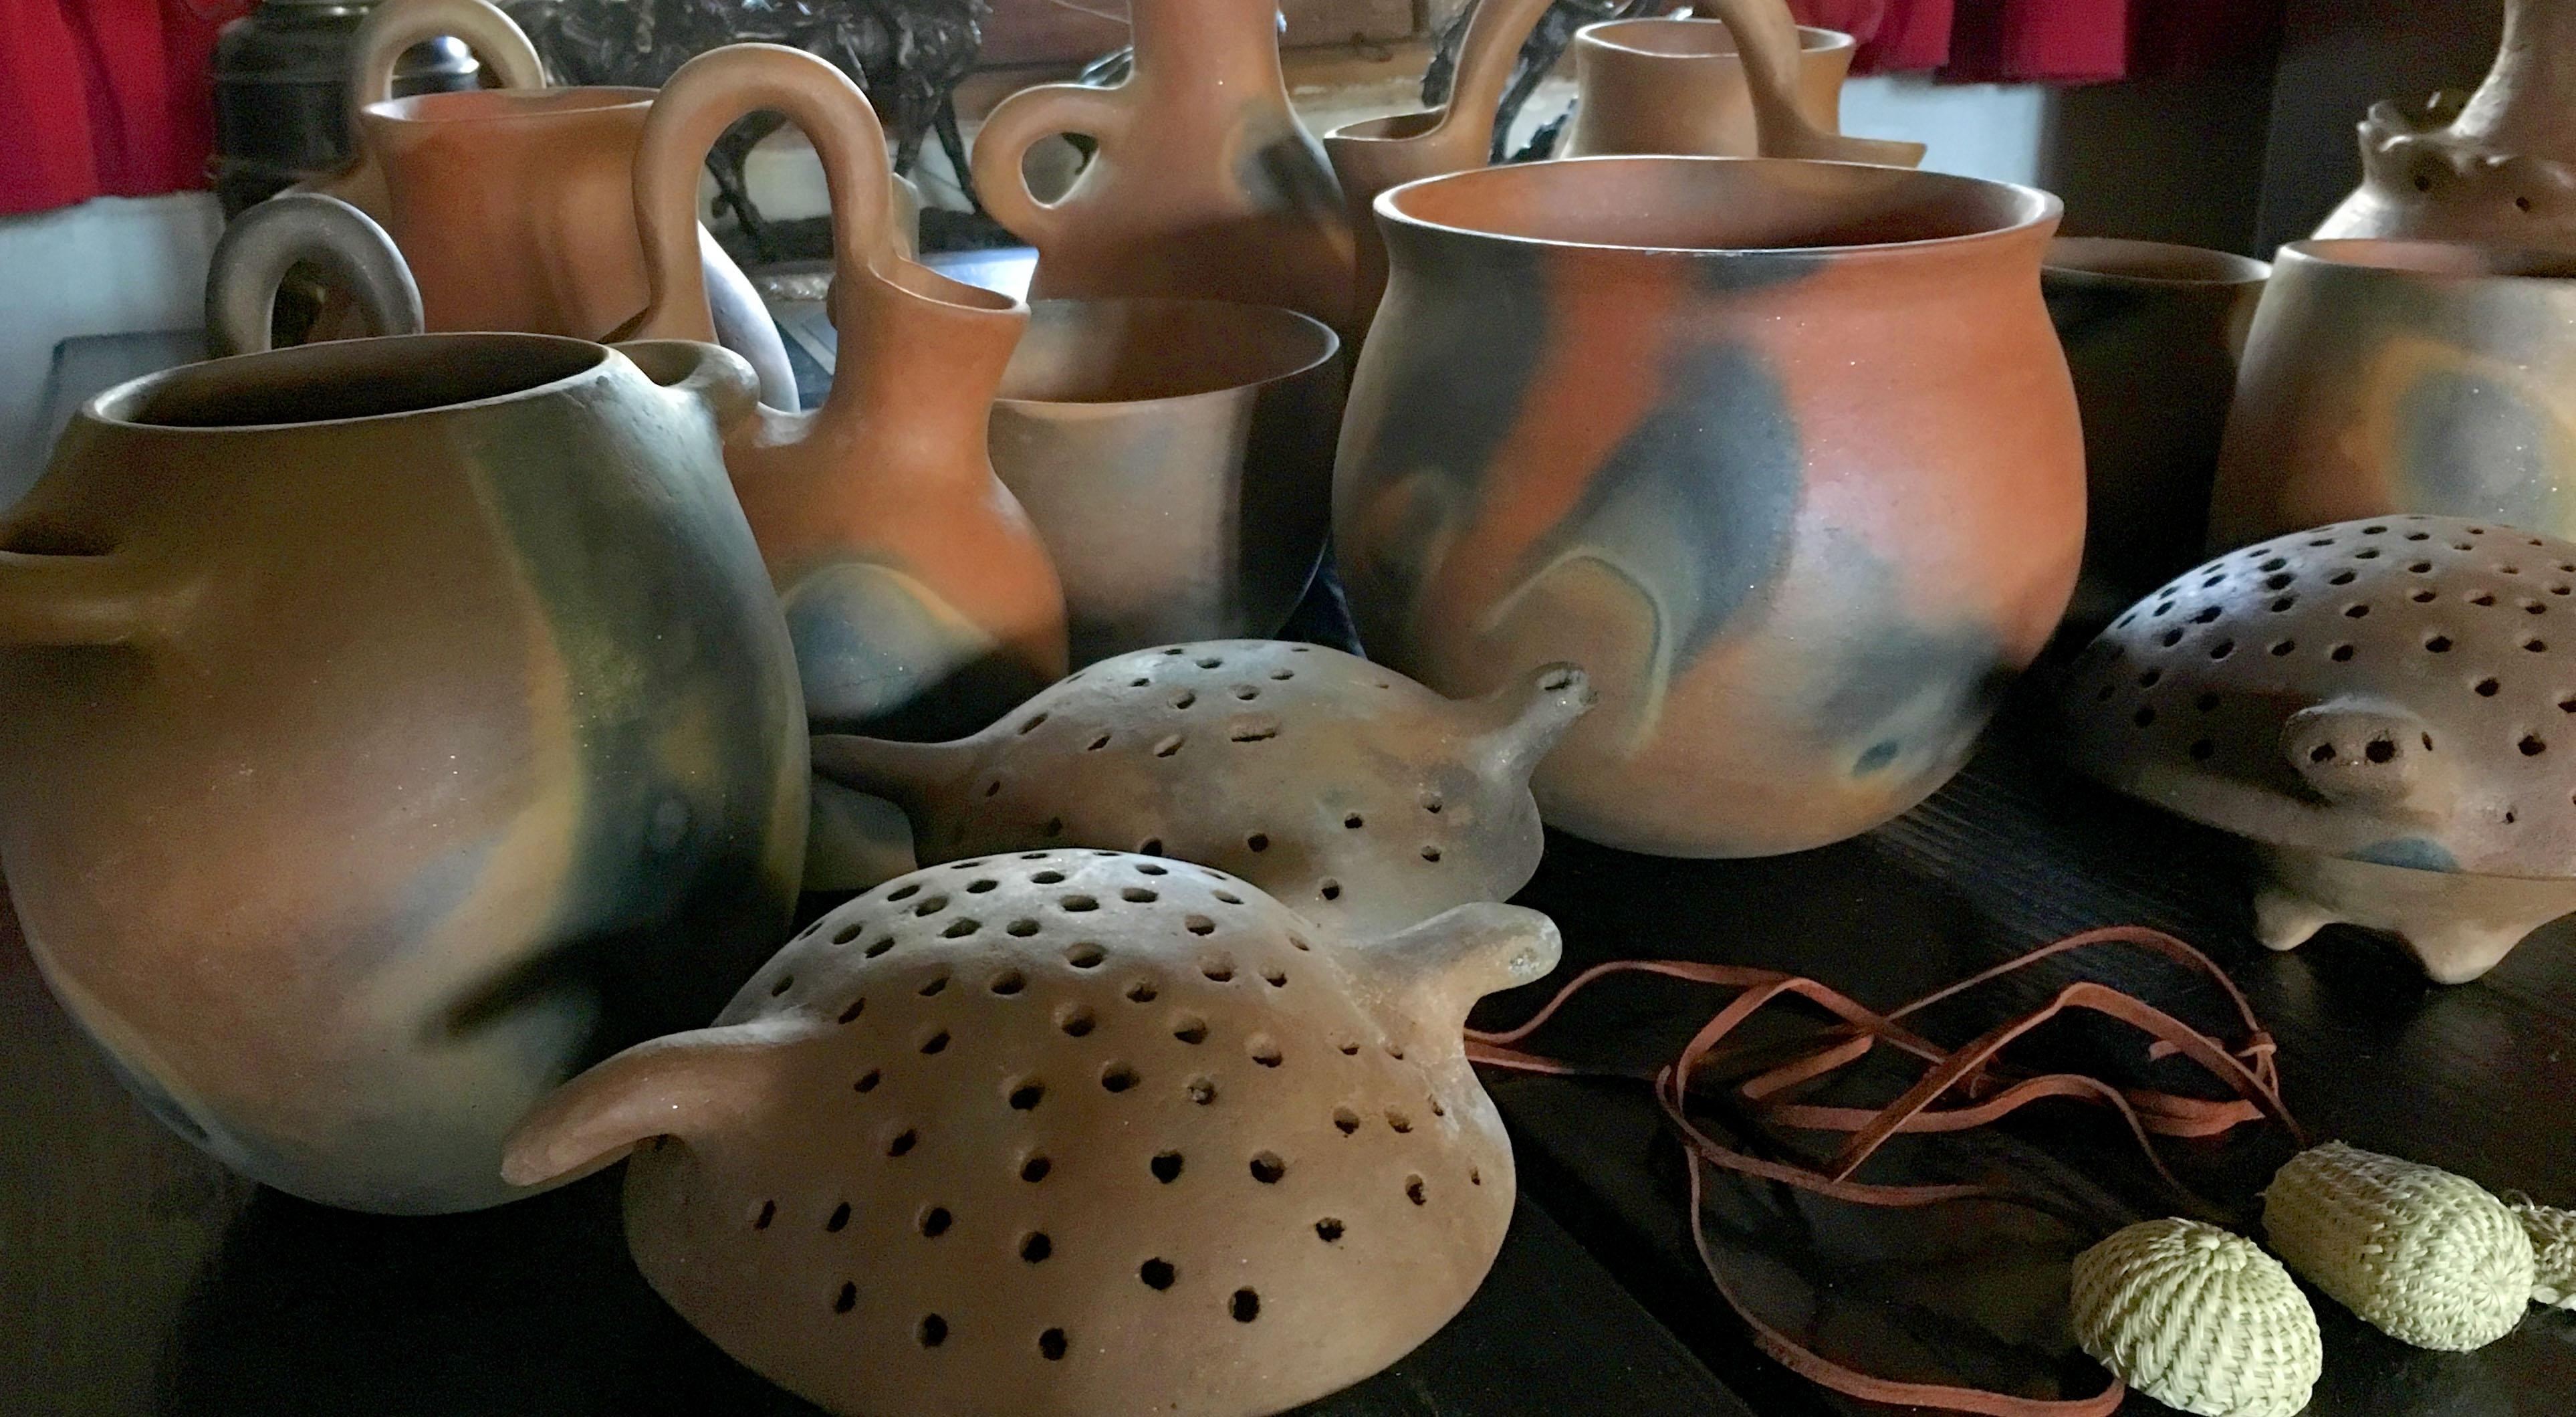 Daria Mariscal, Koatl Kumeyaay Paipai, Pottery